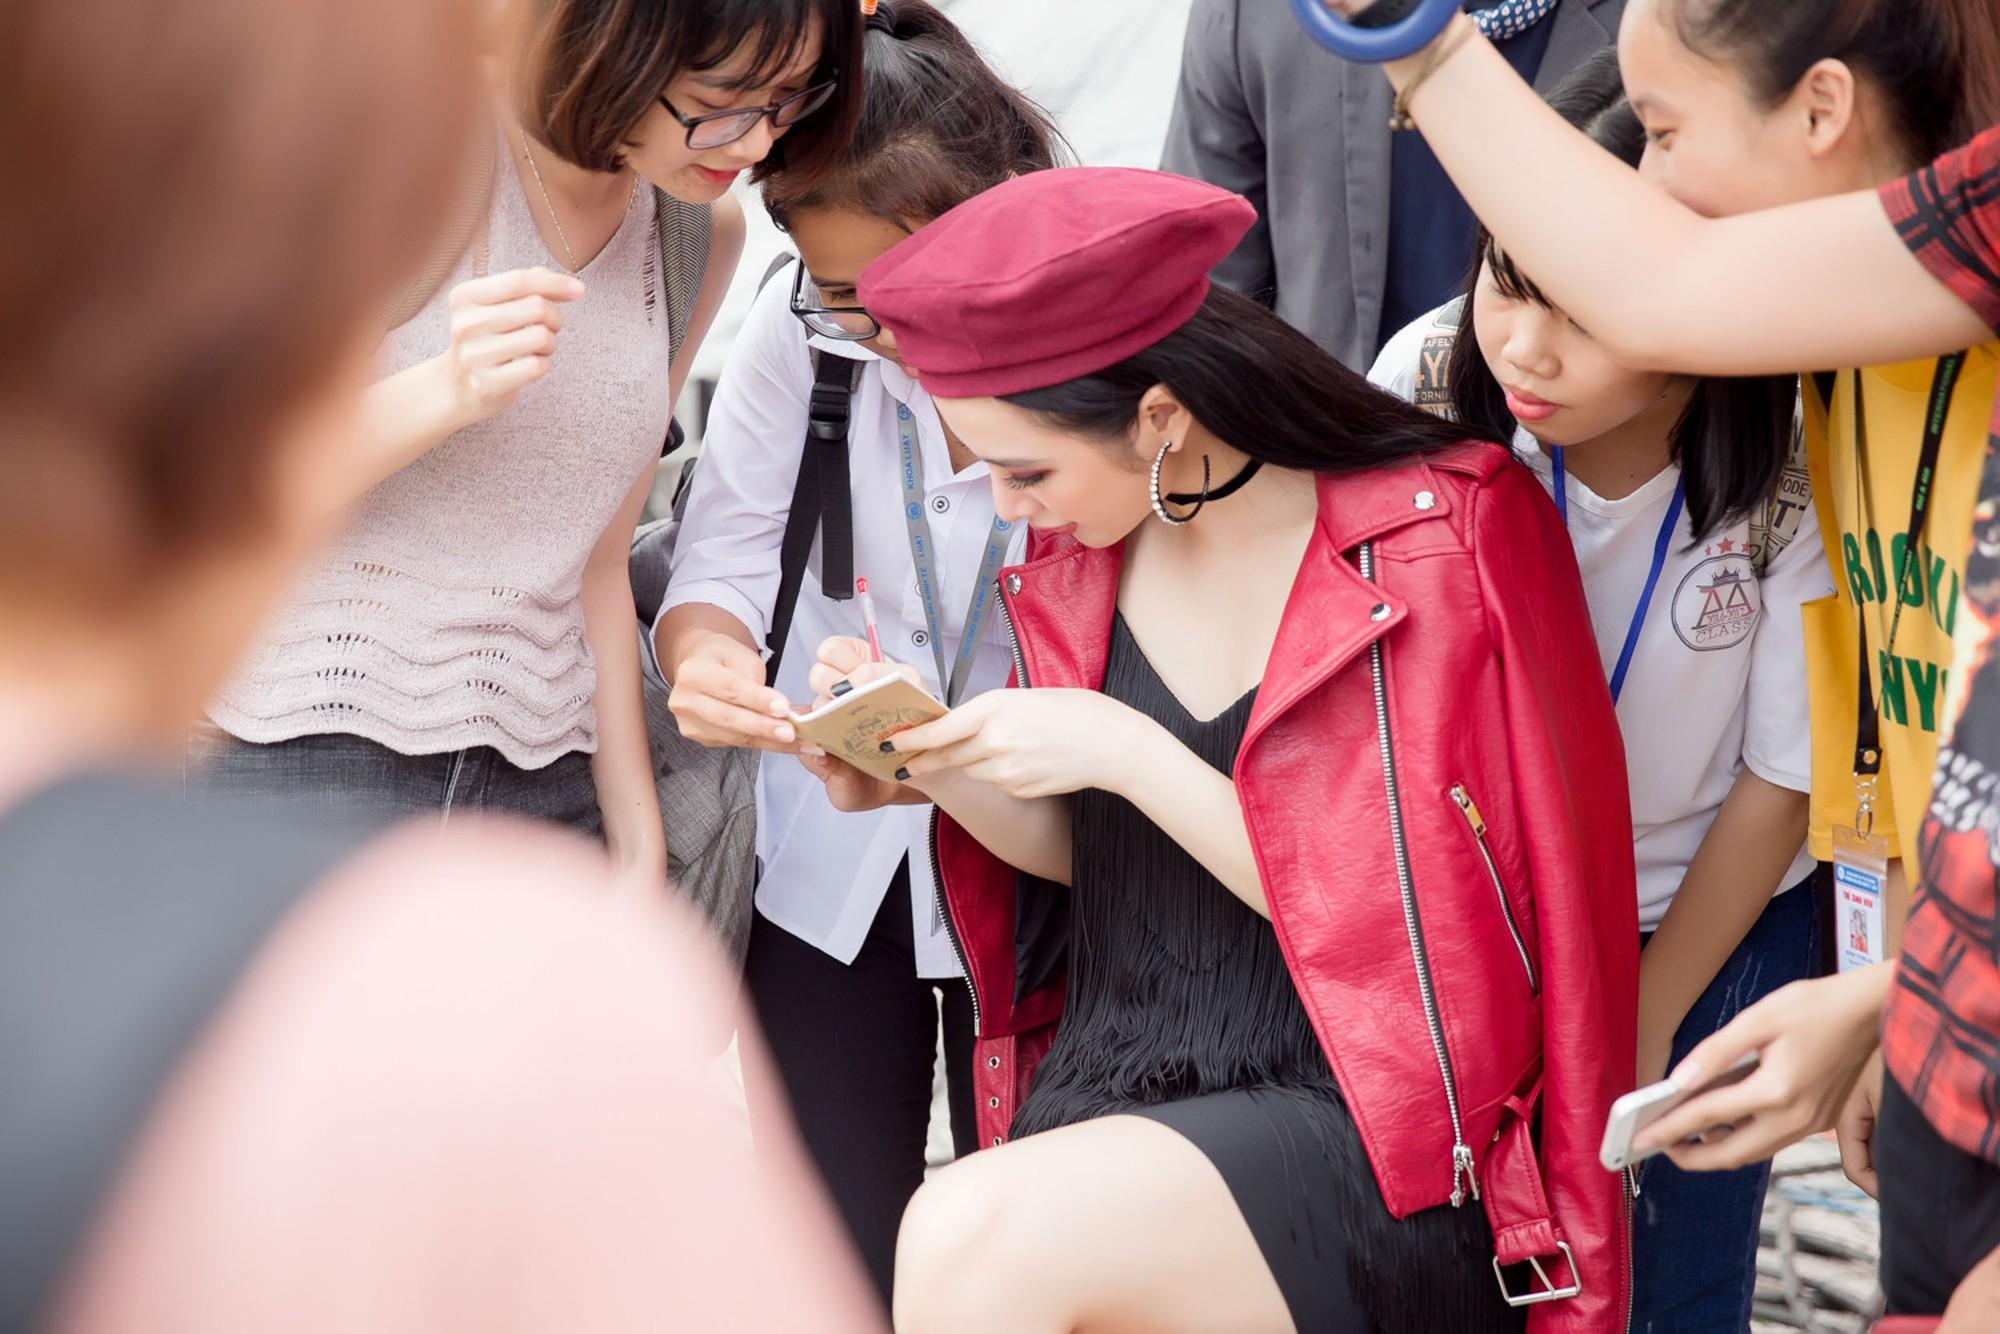 Hữu Vi khoá môi Angela Phương Trinh say đắm giữa trời mưa trước mặt khán giả - Ảnh 8.